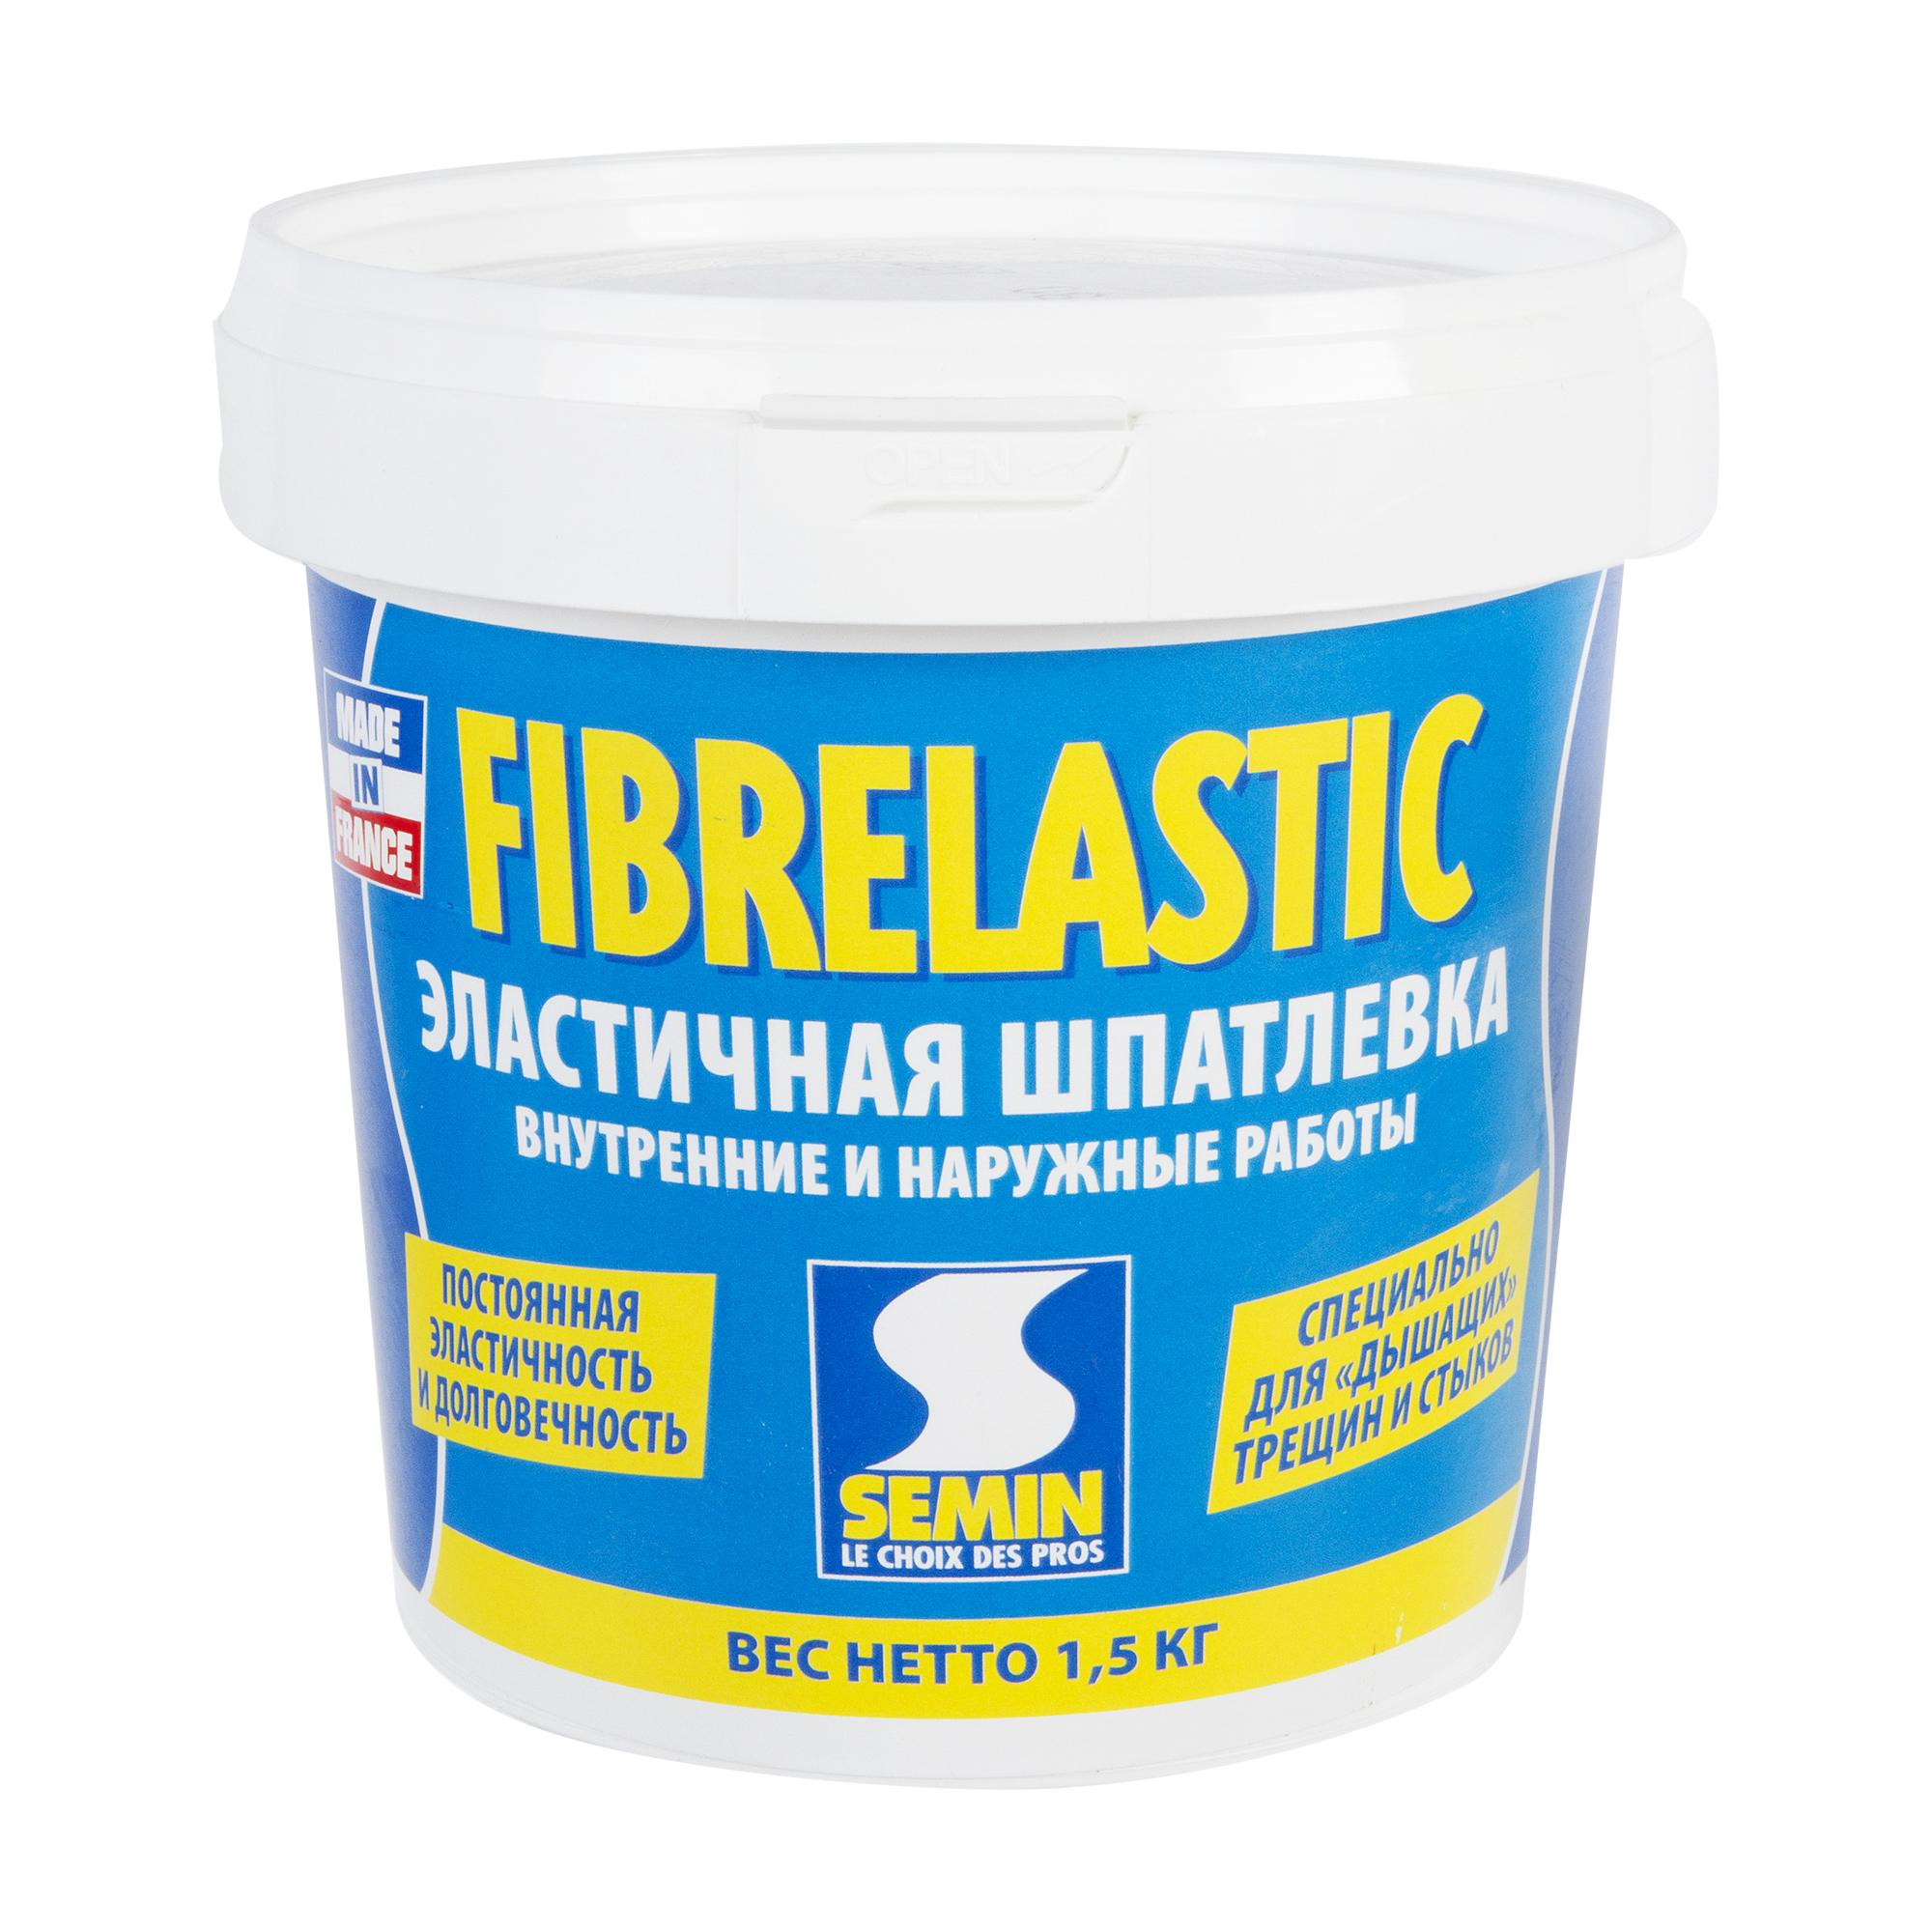 Бояу жұмыстарына арналған тегістегіштер: FIBERLASTIC Semin эластикалық тегістеуіші, 1 қаптаманың салмағы 1,5 кг